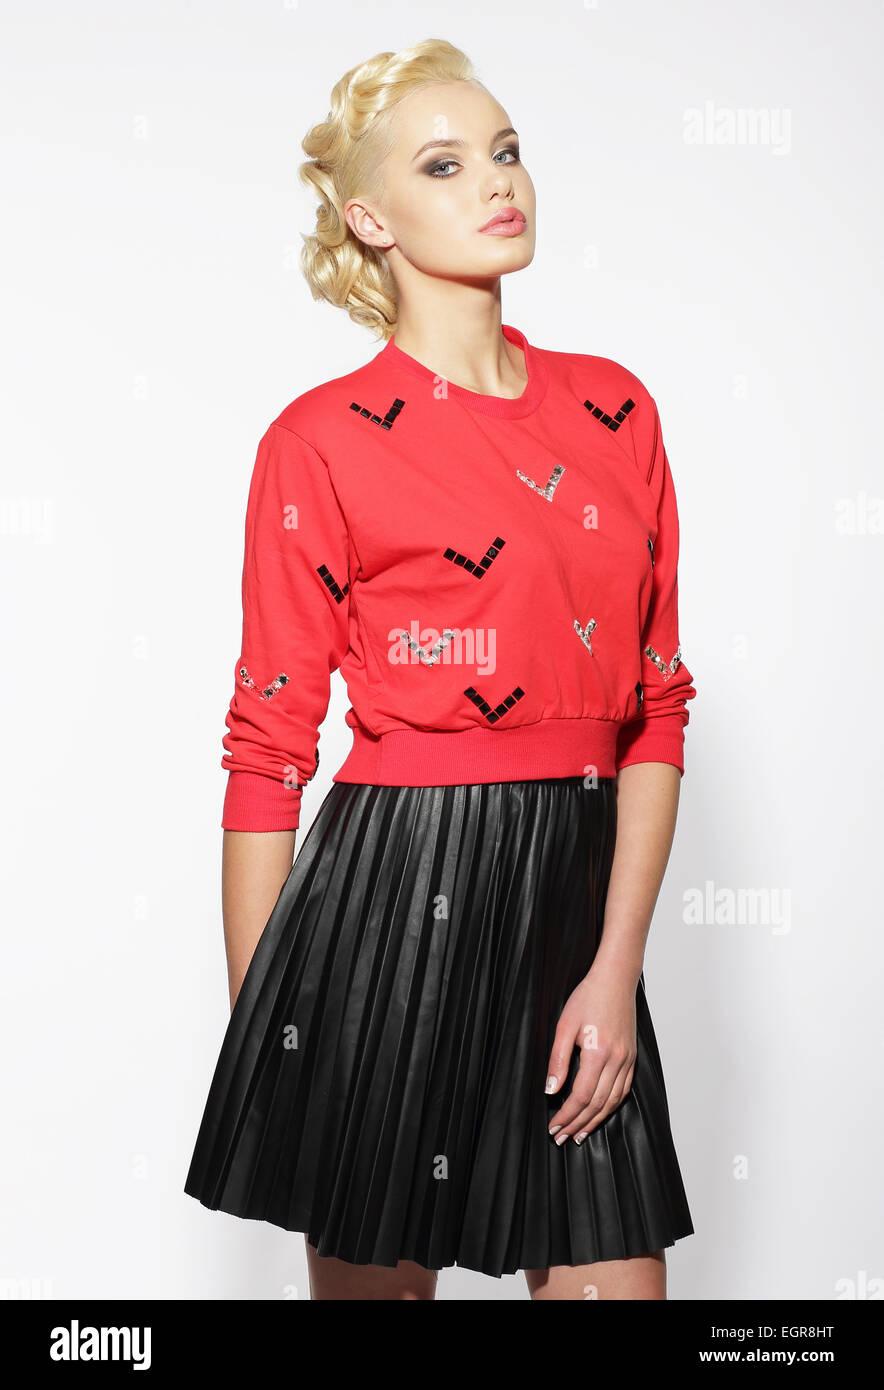 Bionda alla moda in rosso camicetta e gonna nera Immagini Stock